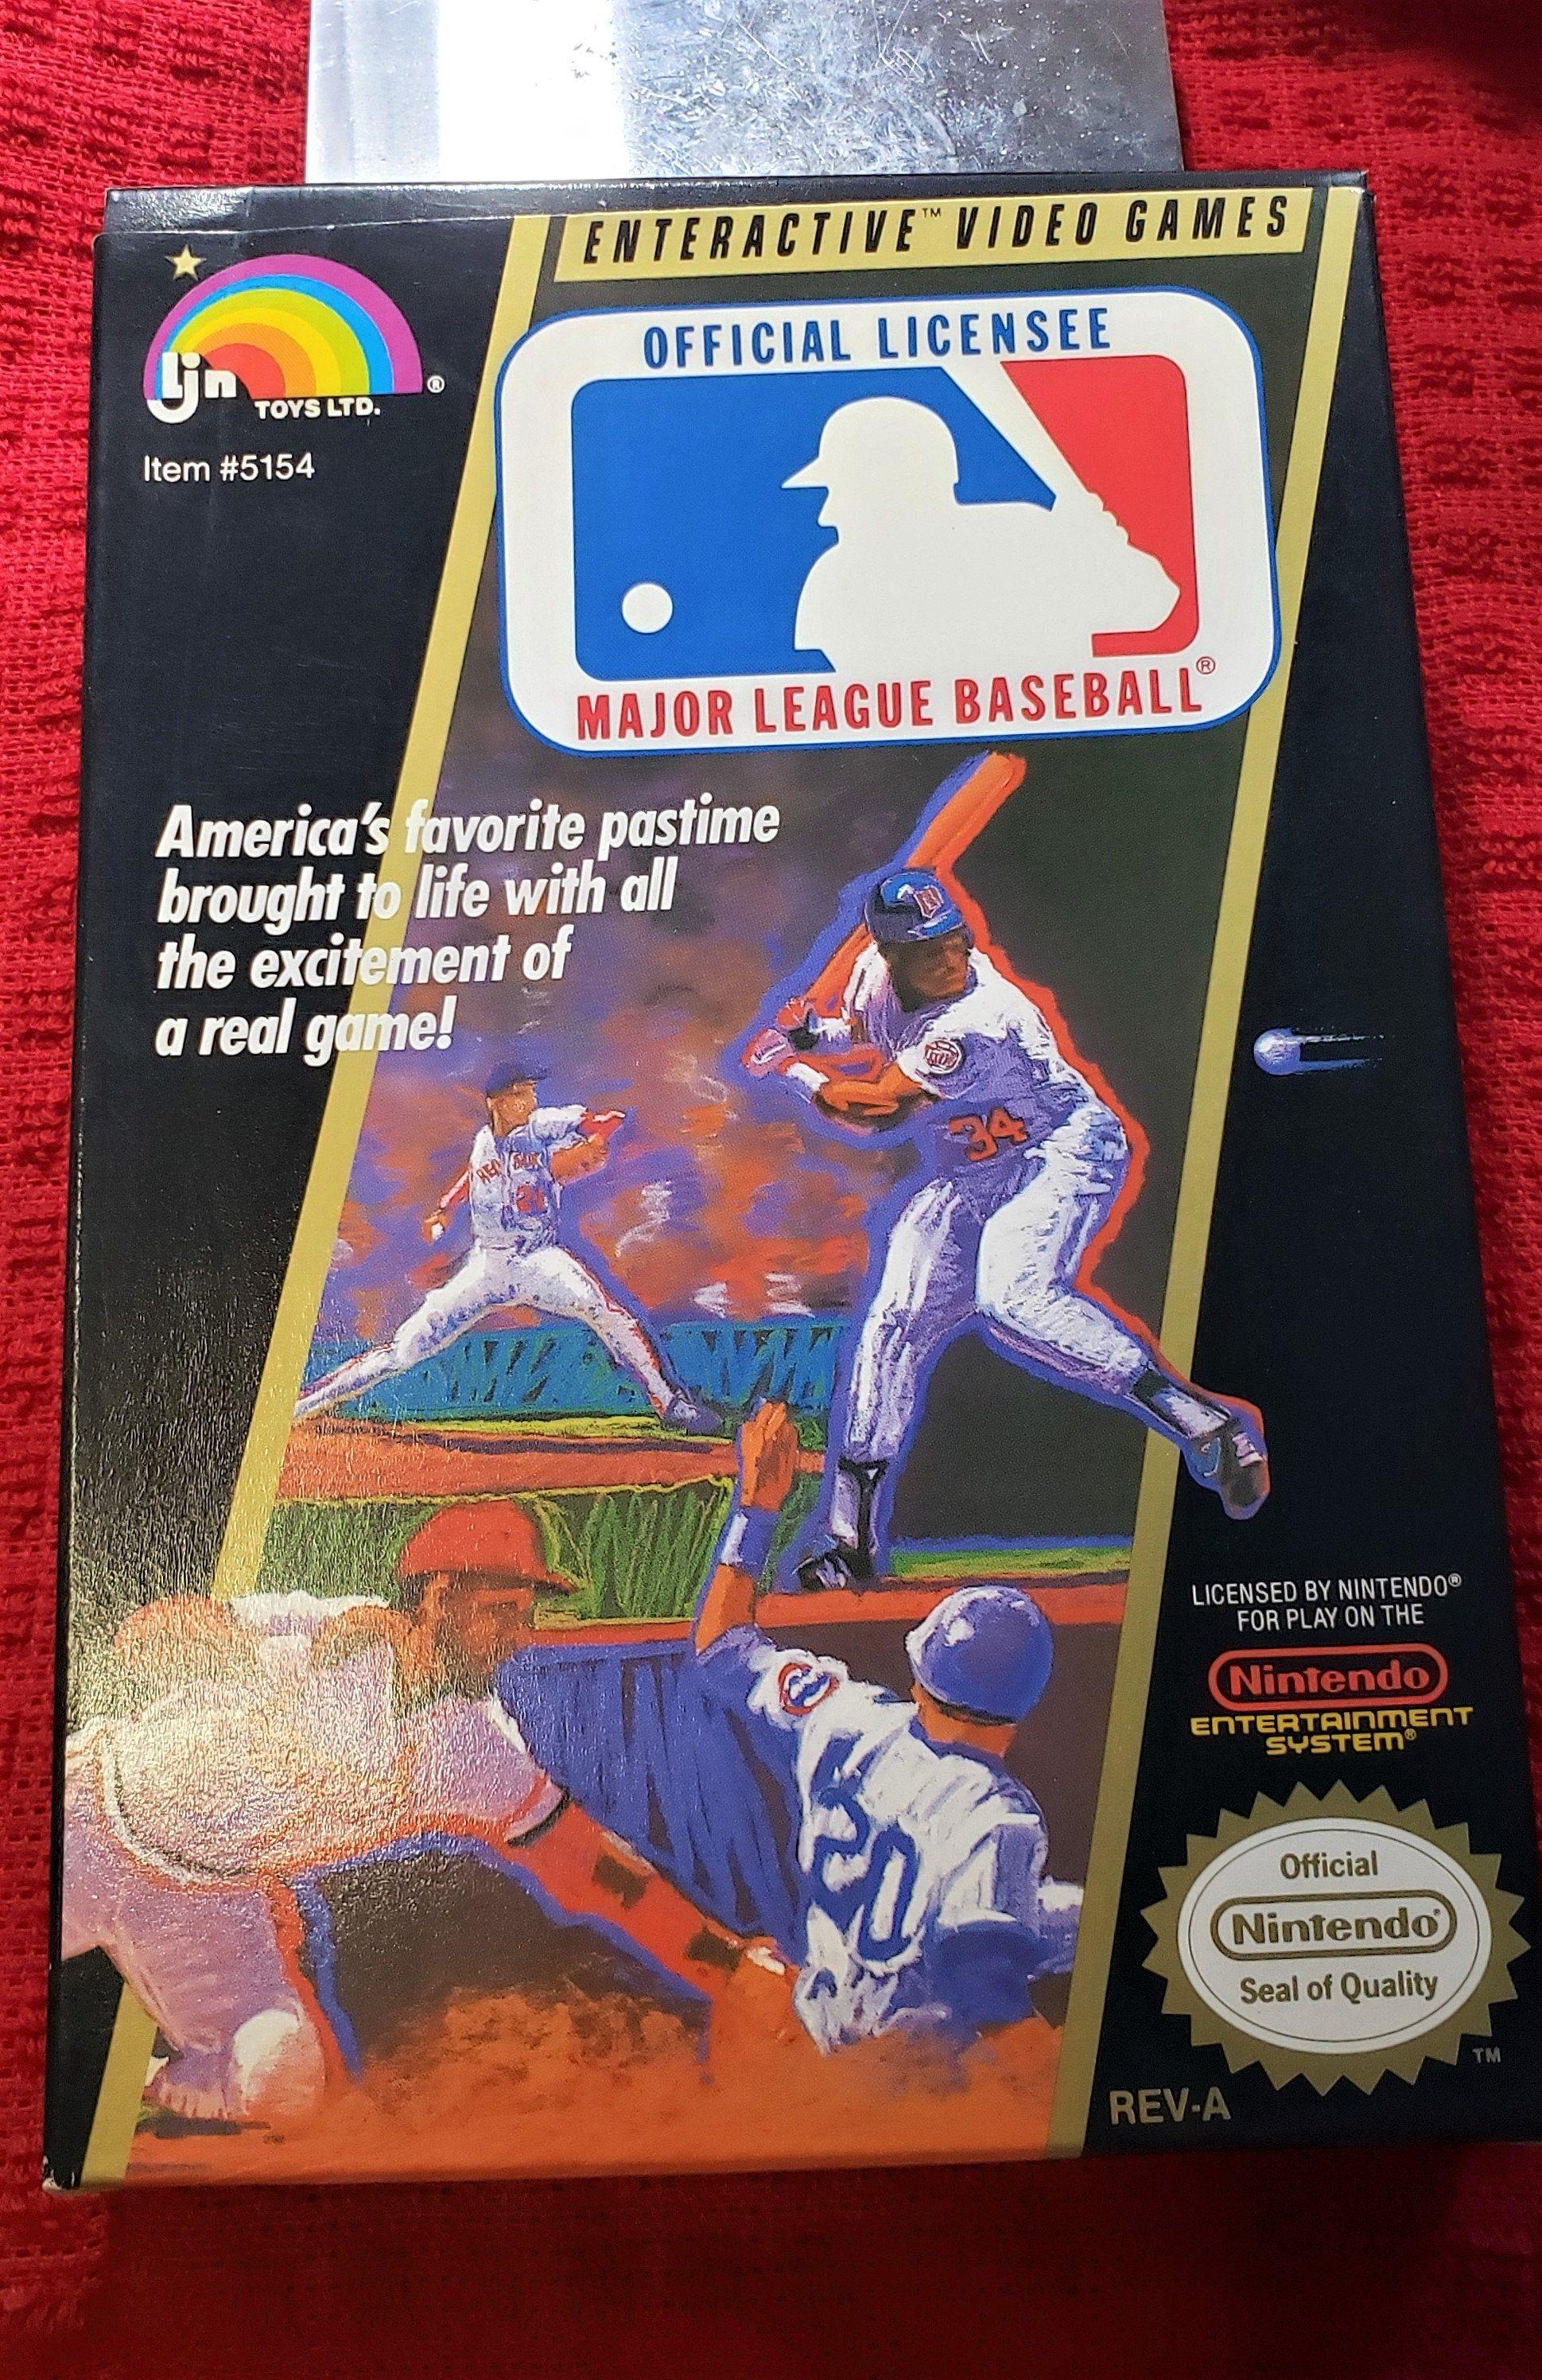 Vintage Ljn Toys Ltd Nintendo Major League Baseball Video Game Etsy Major League Baseball Baseball Videos Major League Baseball Players